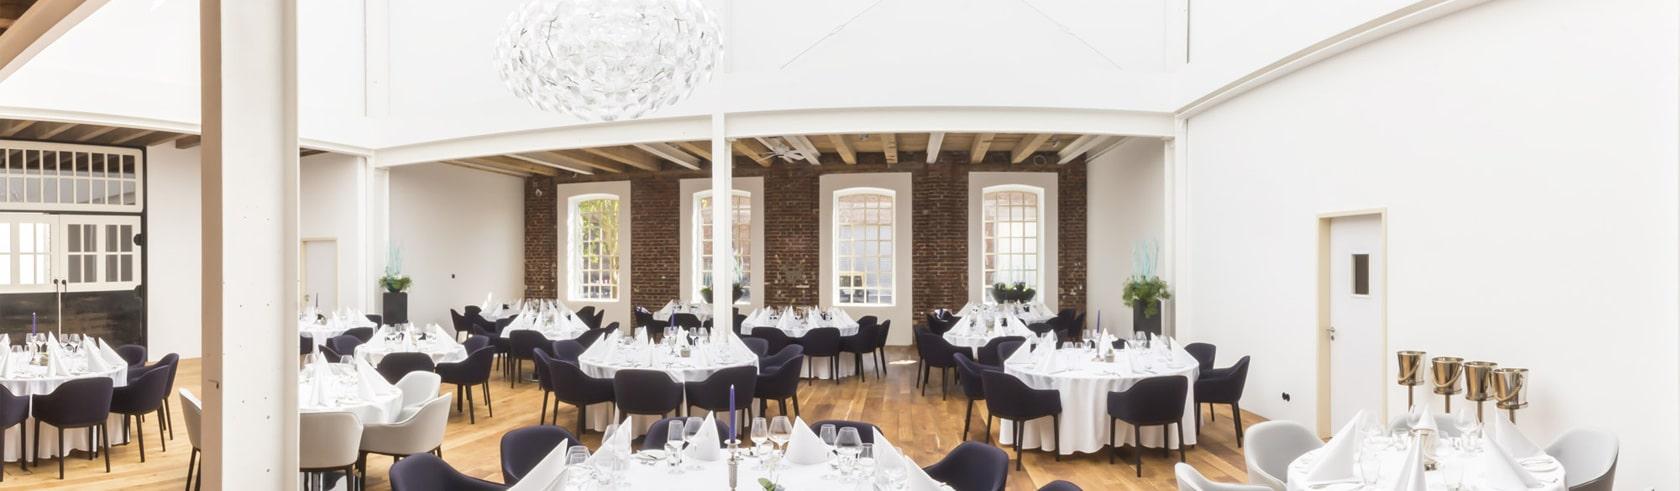 Locationtipp von Hochzeits-DJ Freddy Arévalo / Heiraten im Restaurant heyligenstaedt